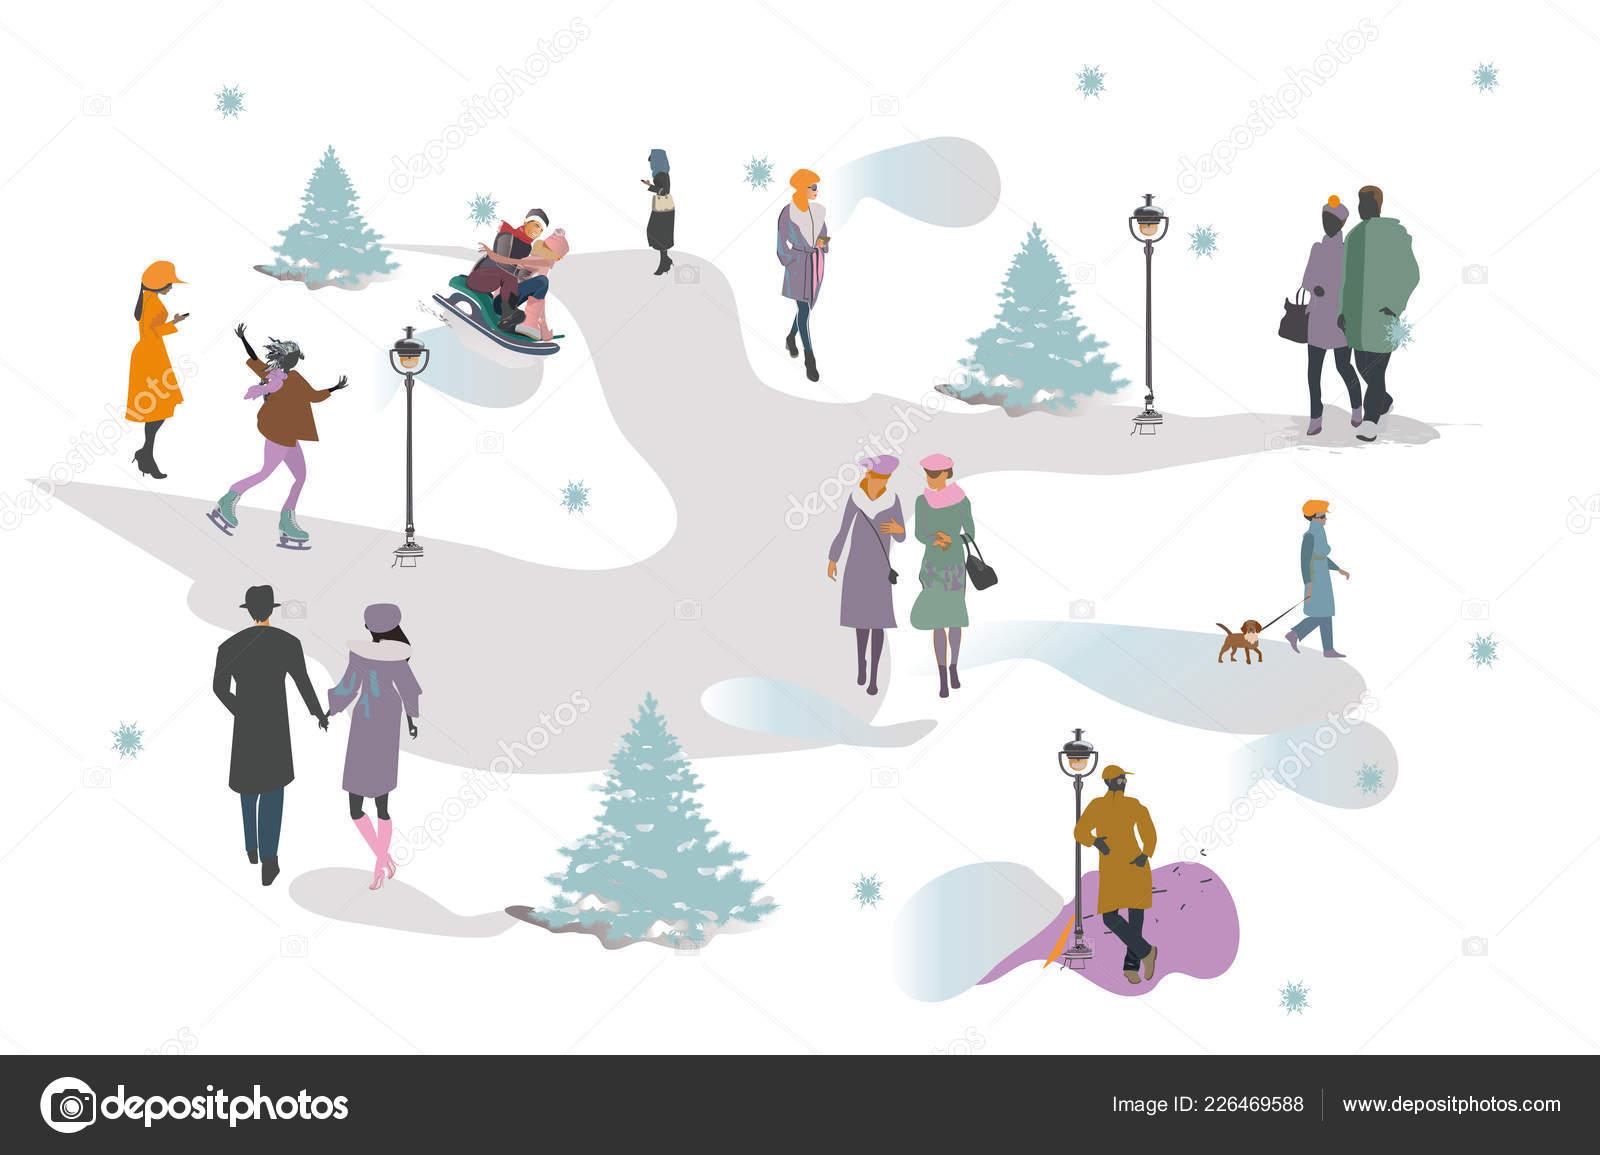 3117cfe35 Set People Having Rest Park Winter Active Leisure Outdoor Activities ...